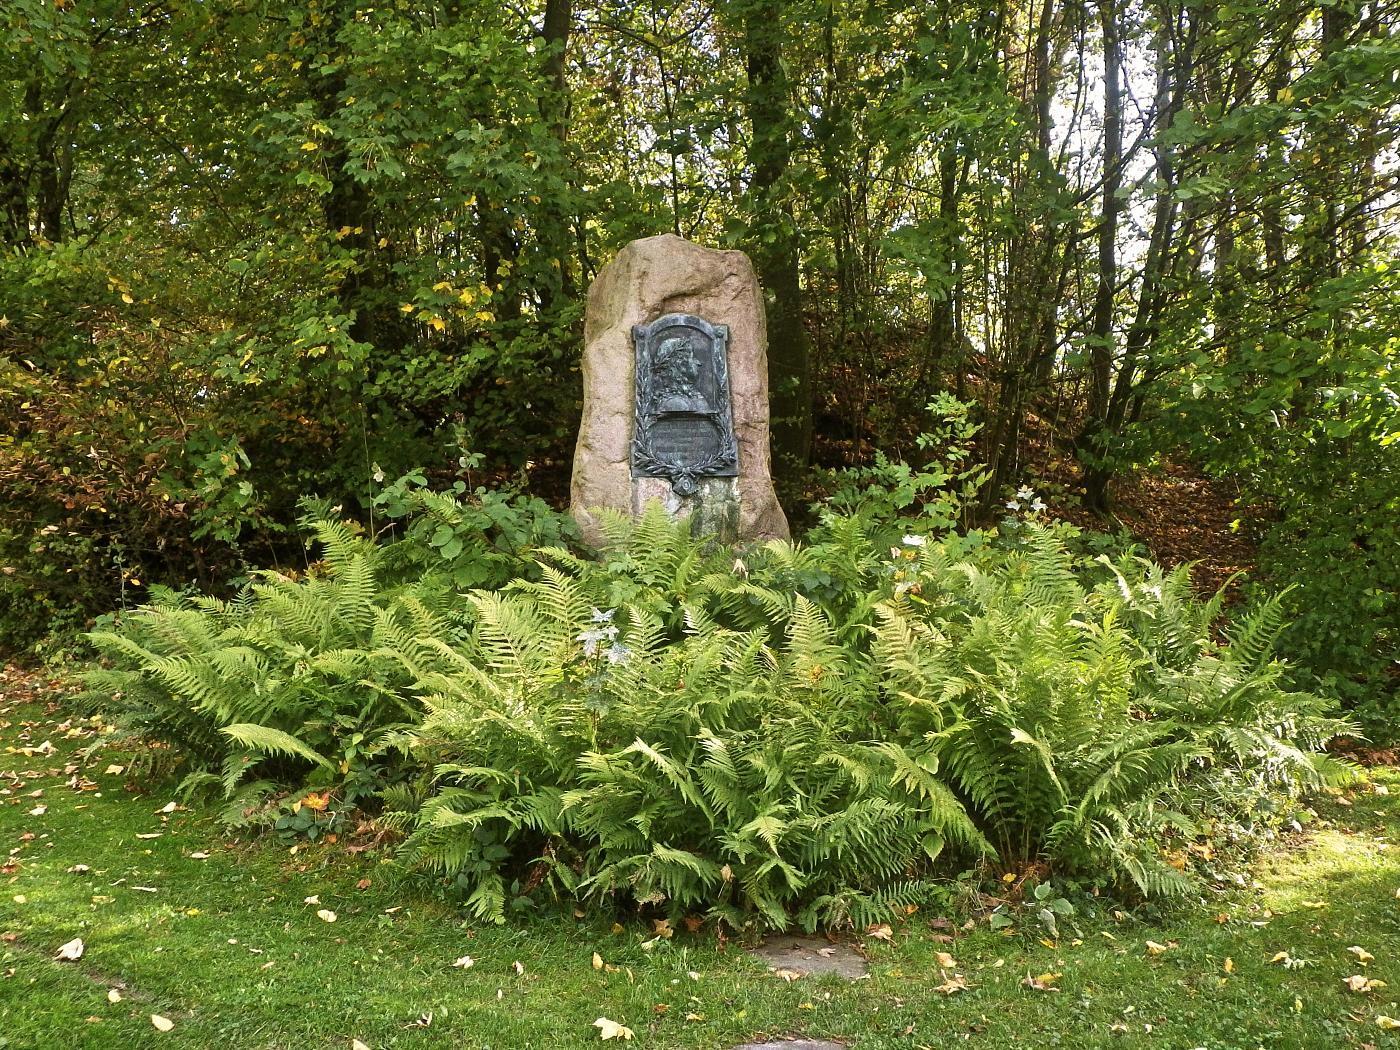 Denkmal Friedrich der Große, König von Preußen und Kurfürst von Brandenburg